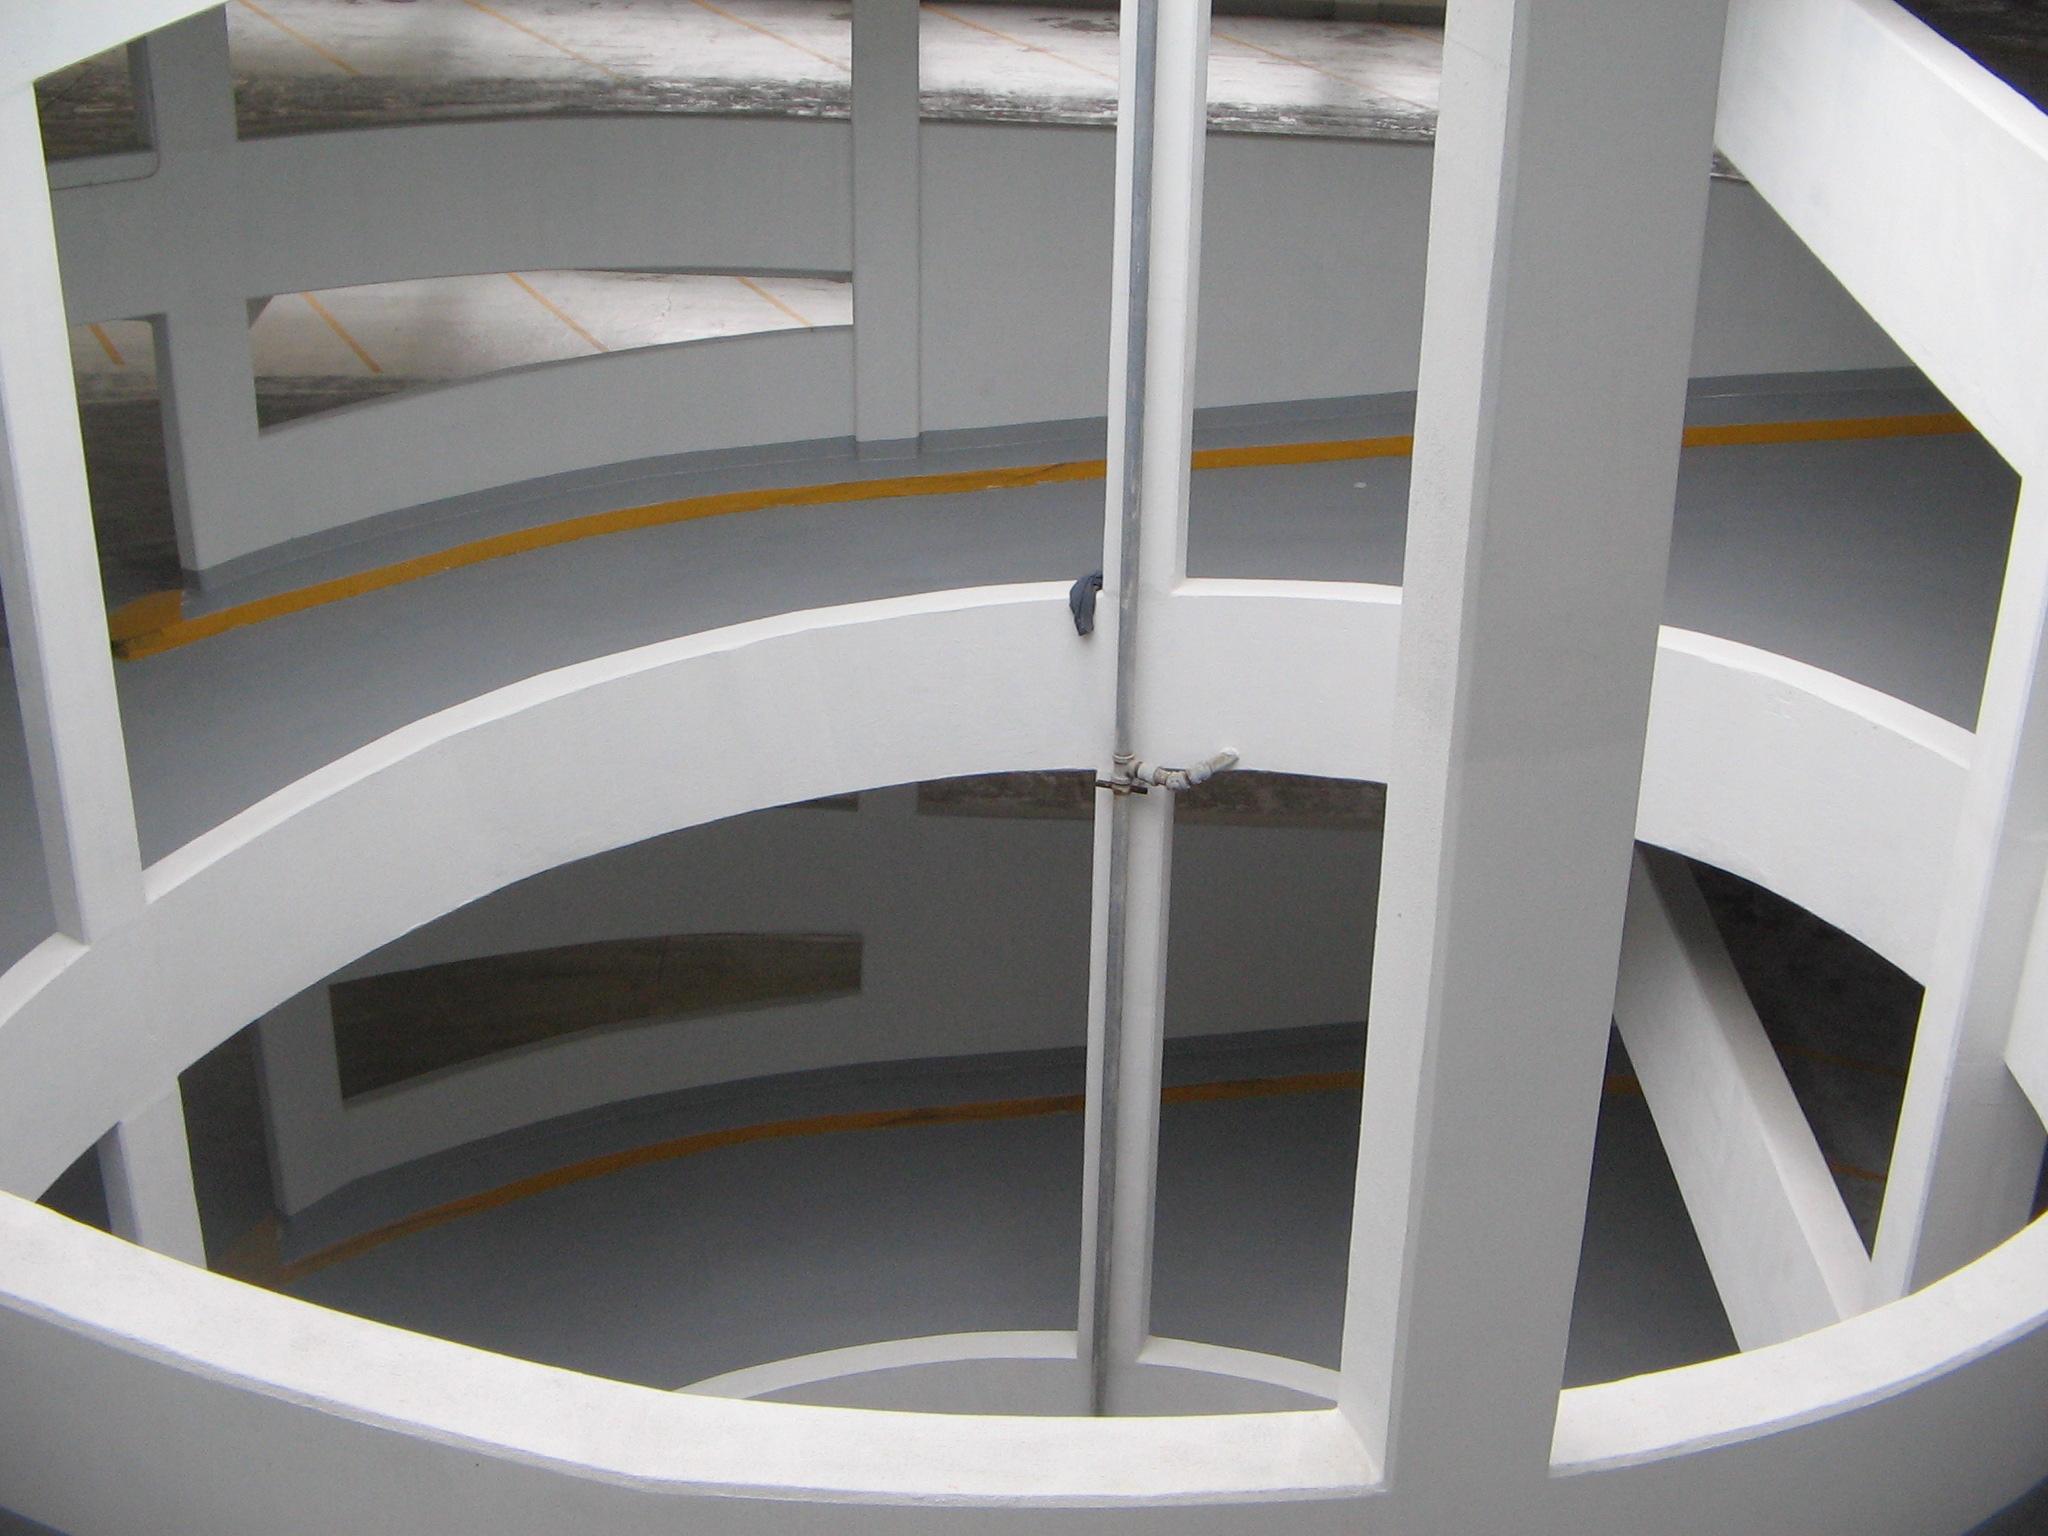 membrane-insallation-complete-5